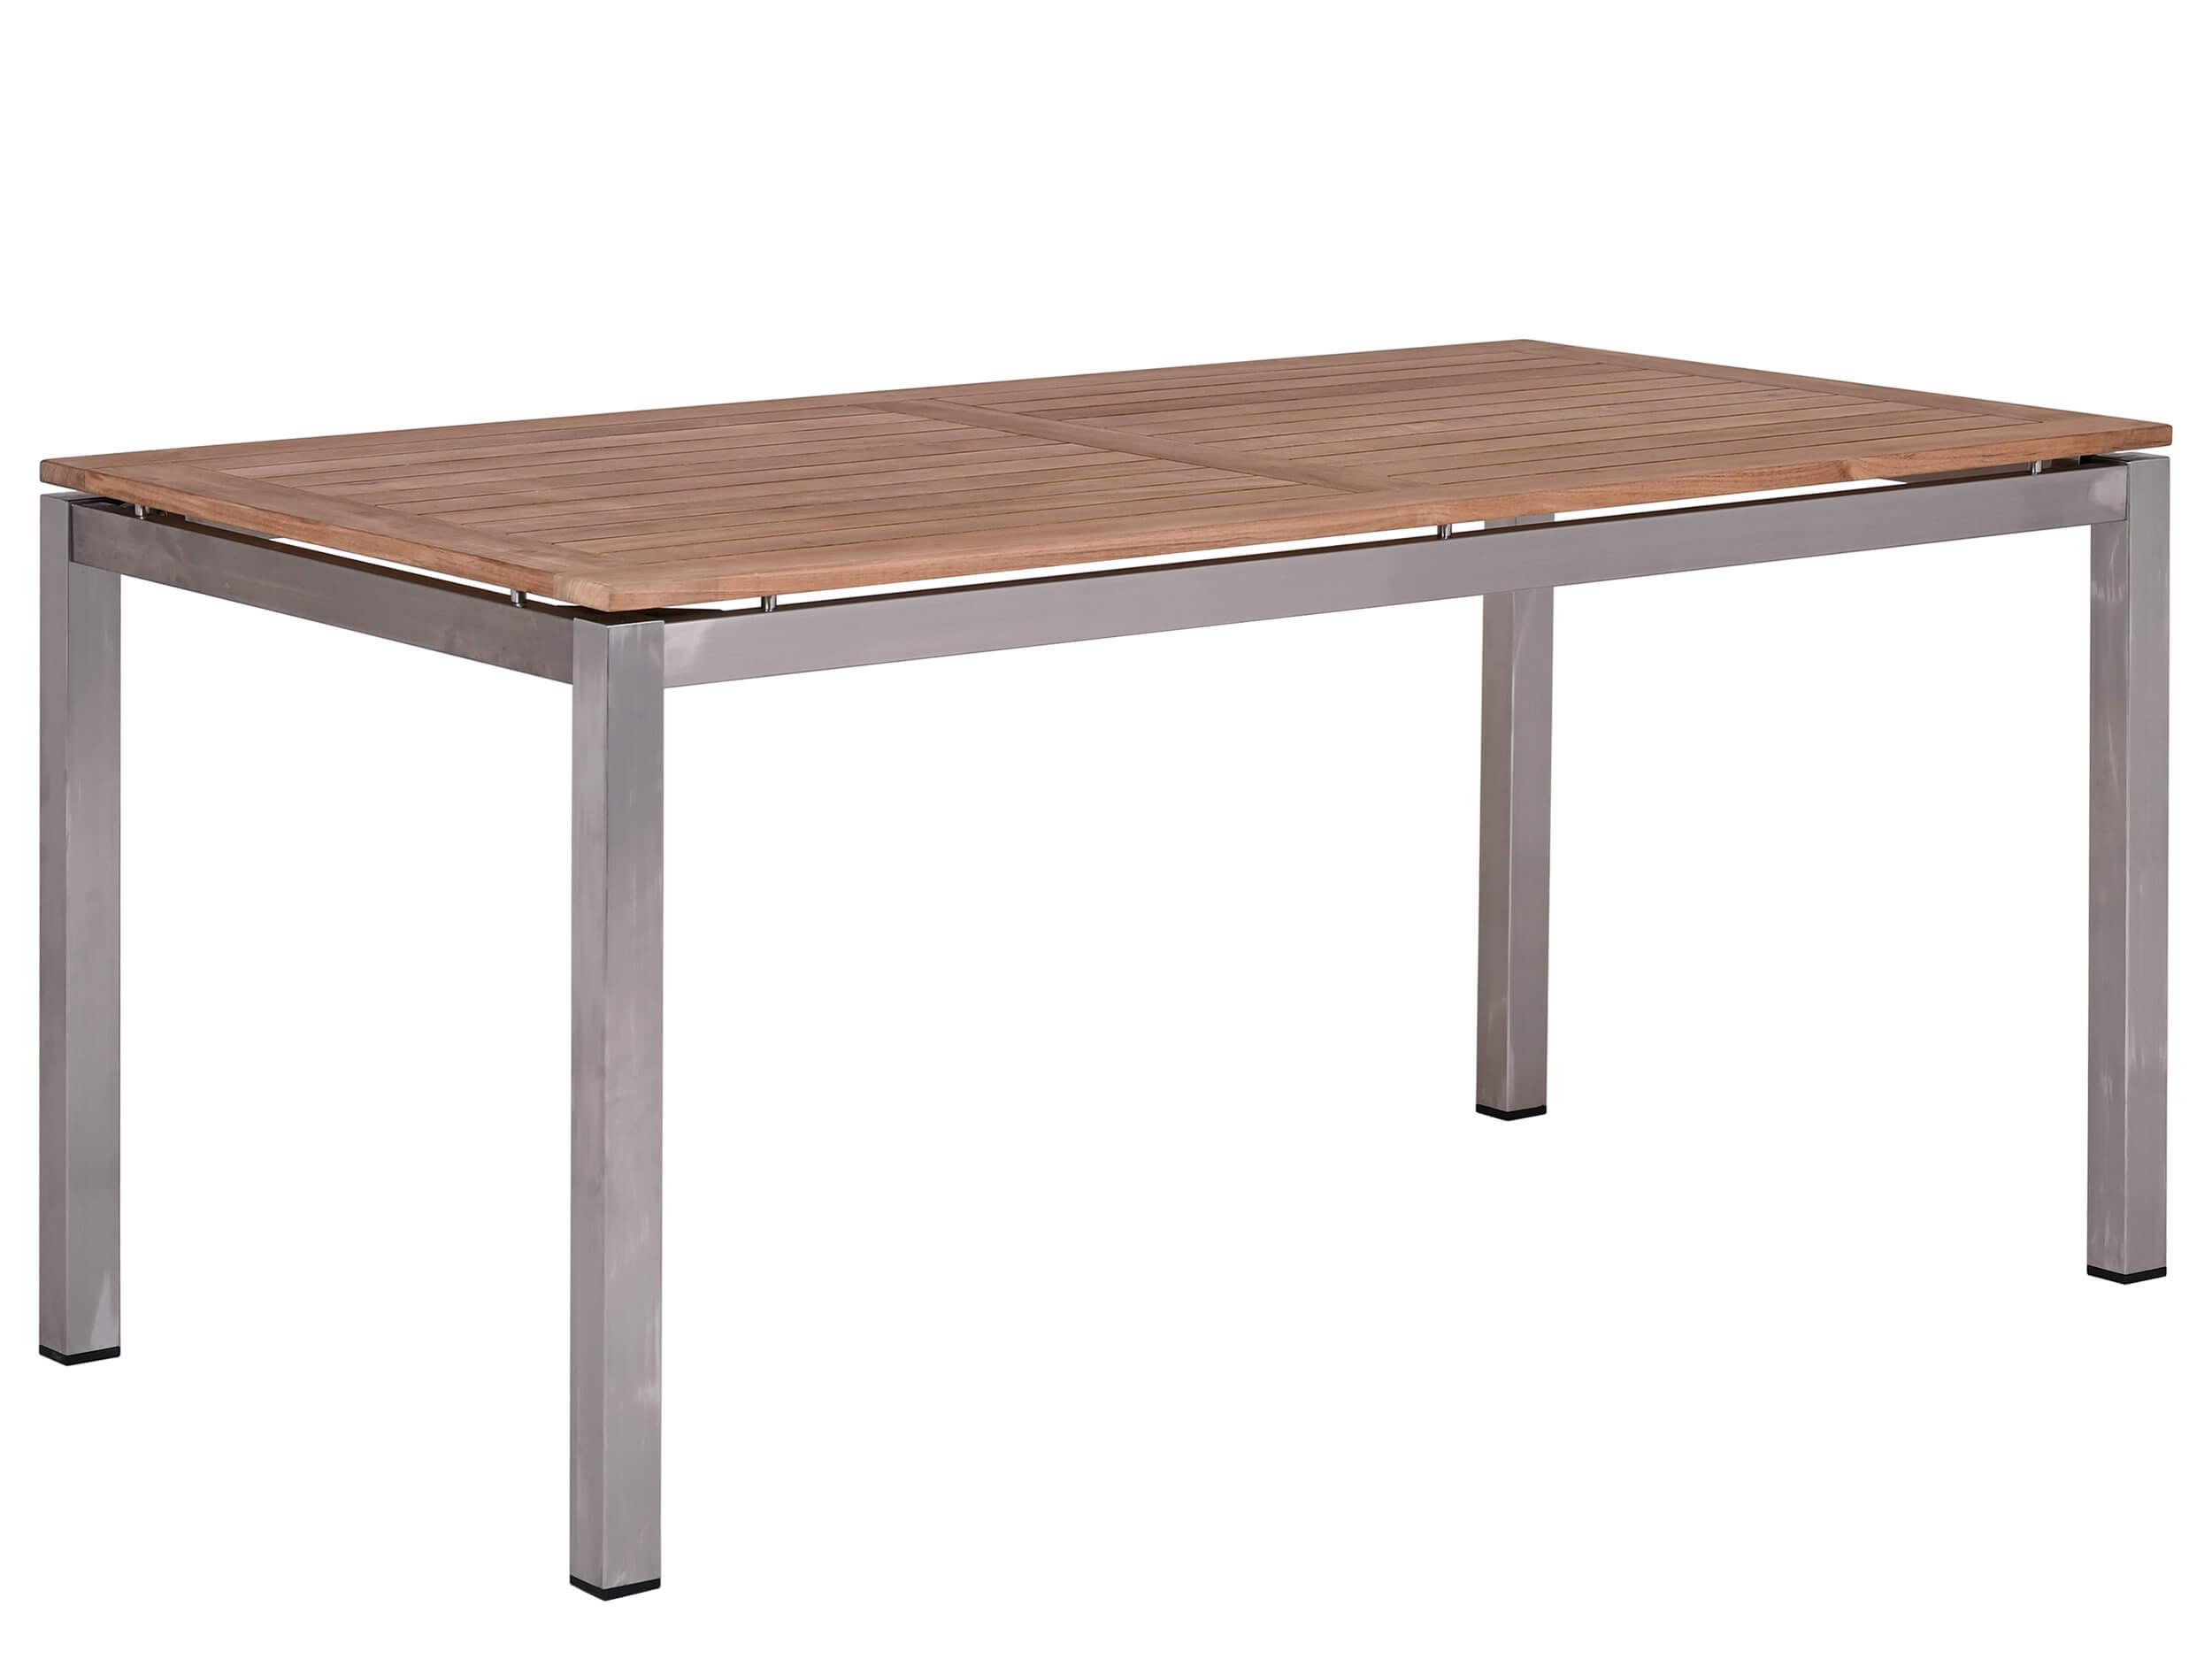 Gartentisch Edelstahl Einzigartig Edelstahl Teakholz Gartentisch Valis 160x90cm